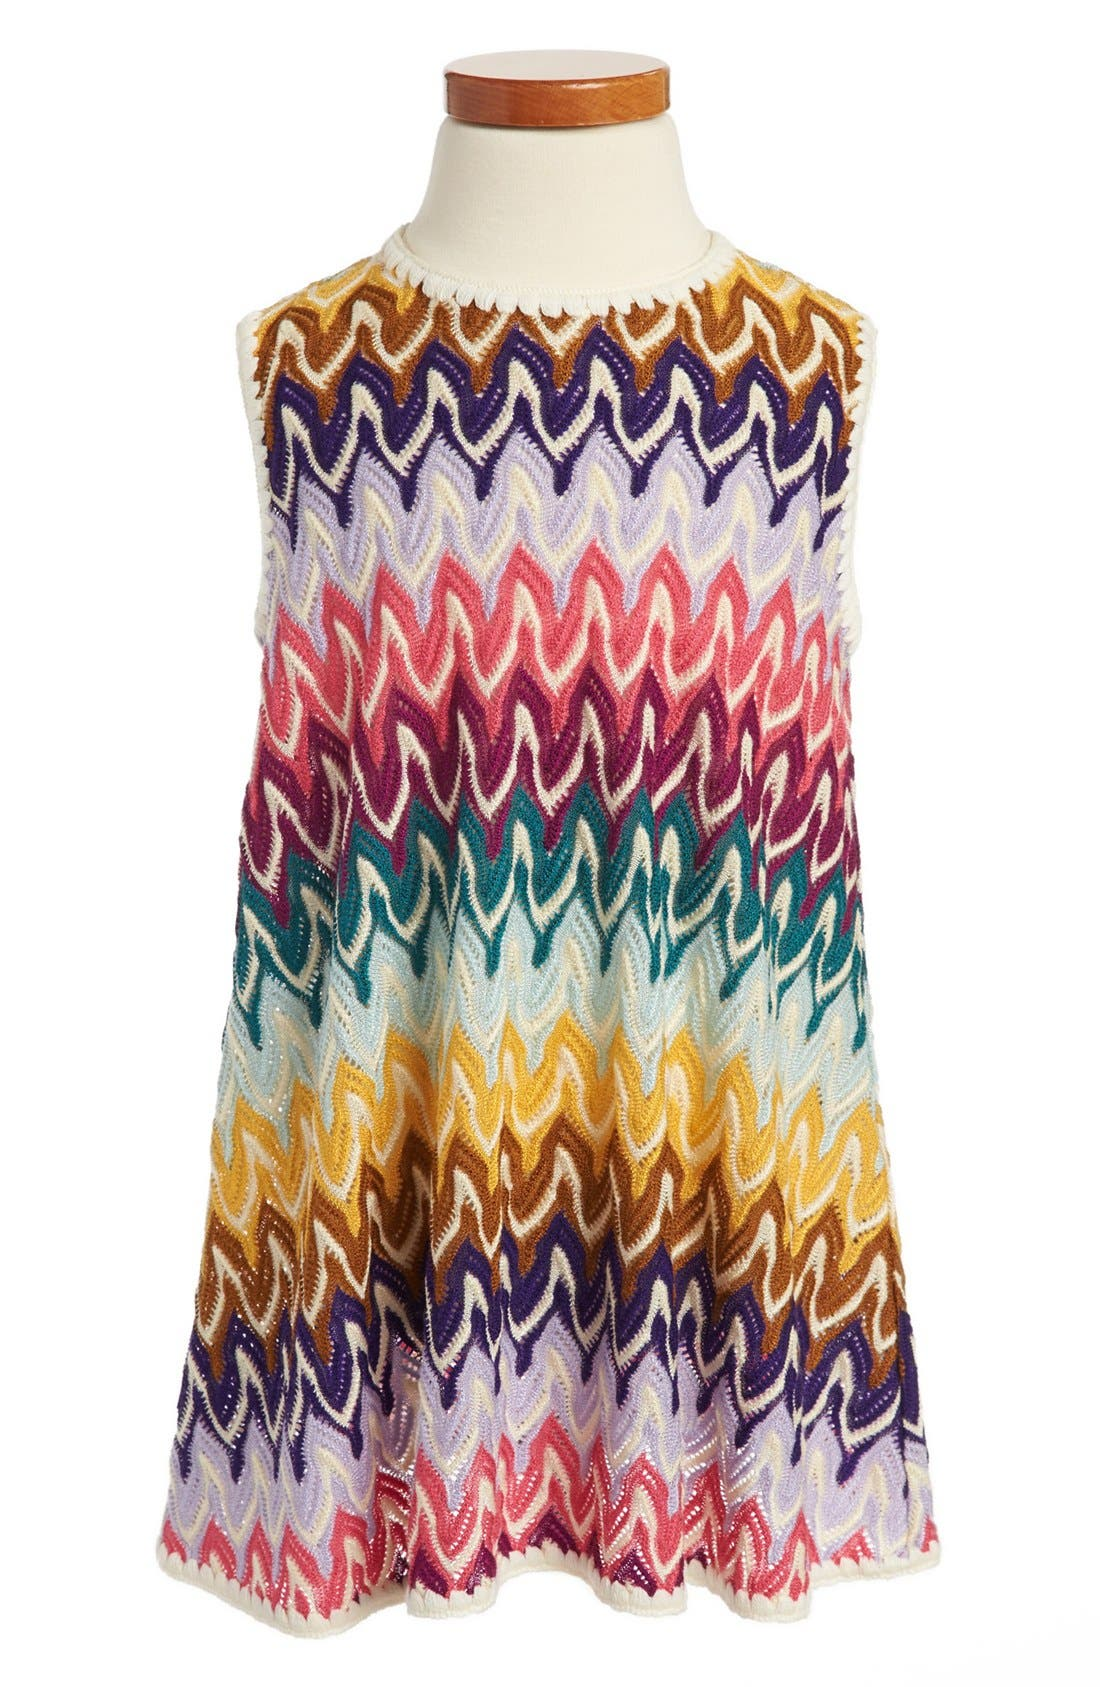 Main Image - Missoni Sleeveless Crochet Dress (Toddler Girls, Little Girls & Big Girls)